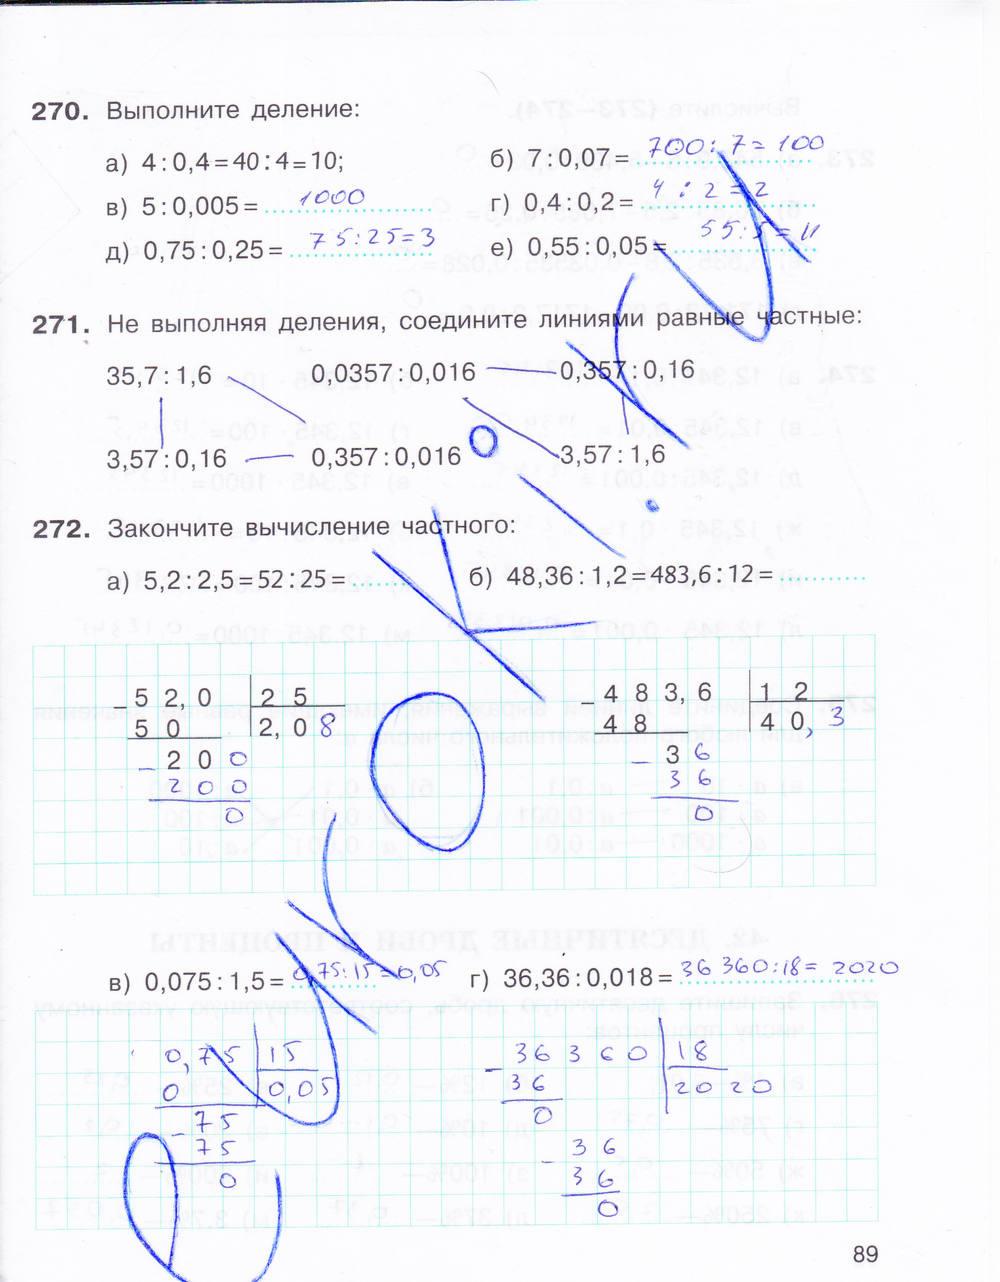 решебник к рабочей тетради по математике 6 класс скачать